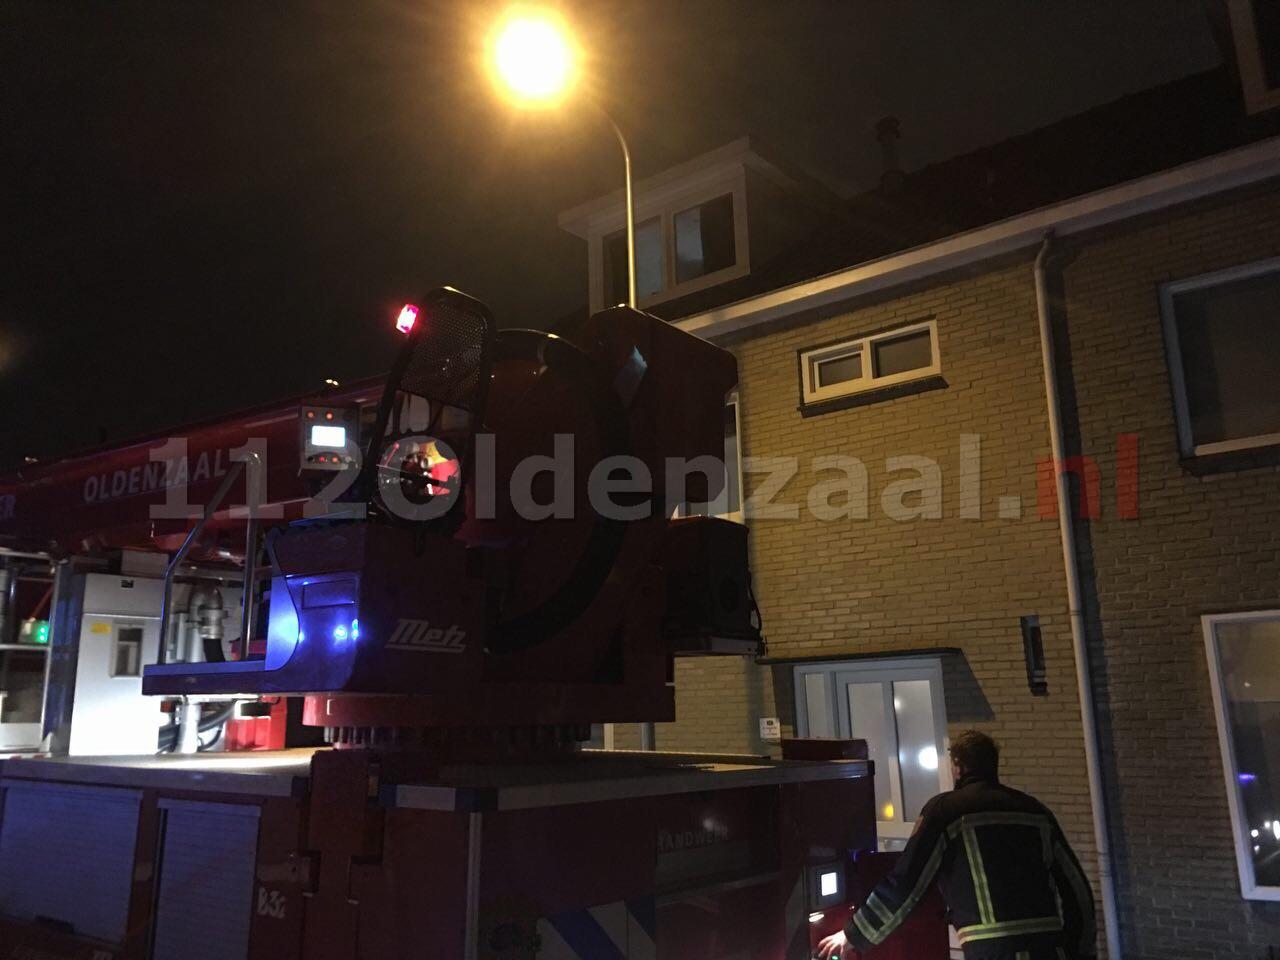 Foto: Brandweer rukt uit voor schoorsteenbrand Tulpstraat Oldenzaal